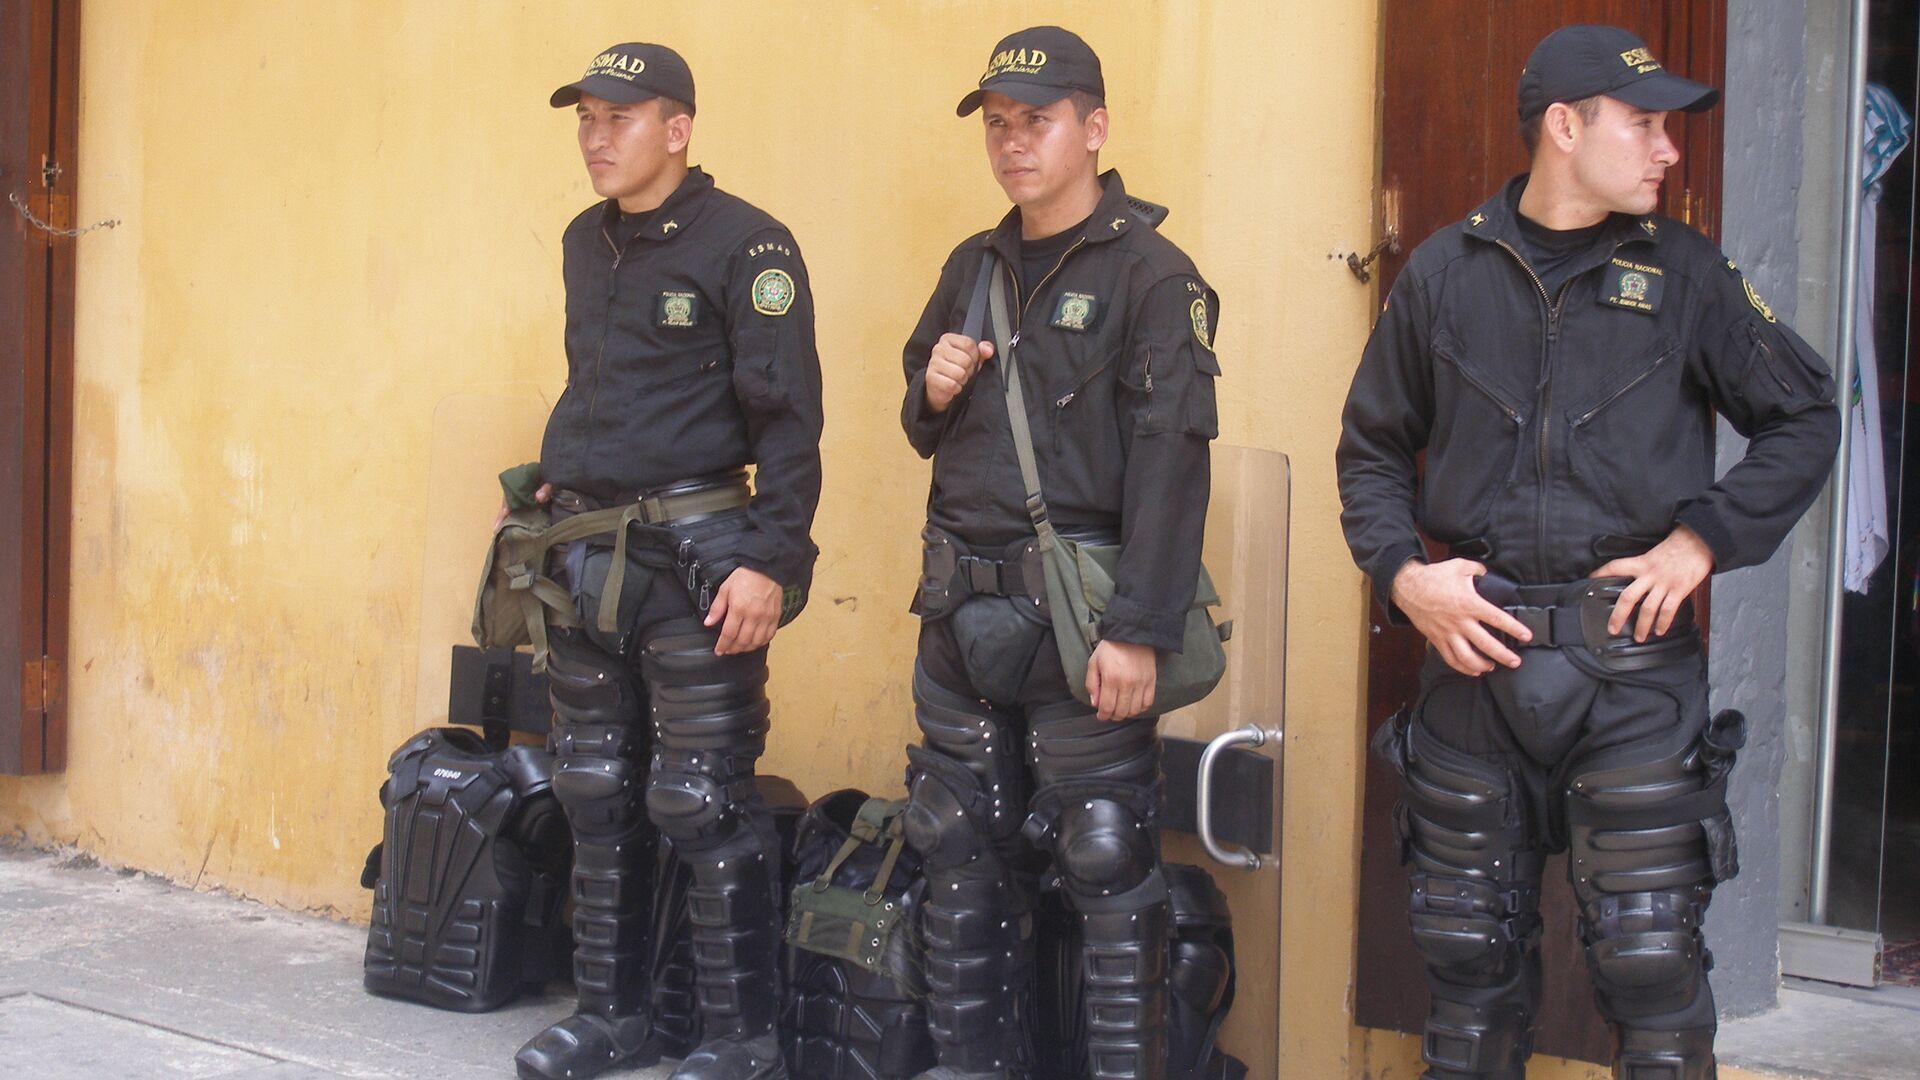 Полиция Колумбии - РИА Новости, 1920, 28.07.2020